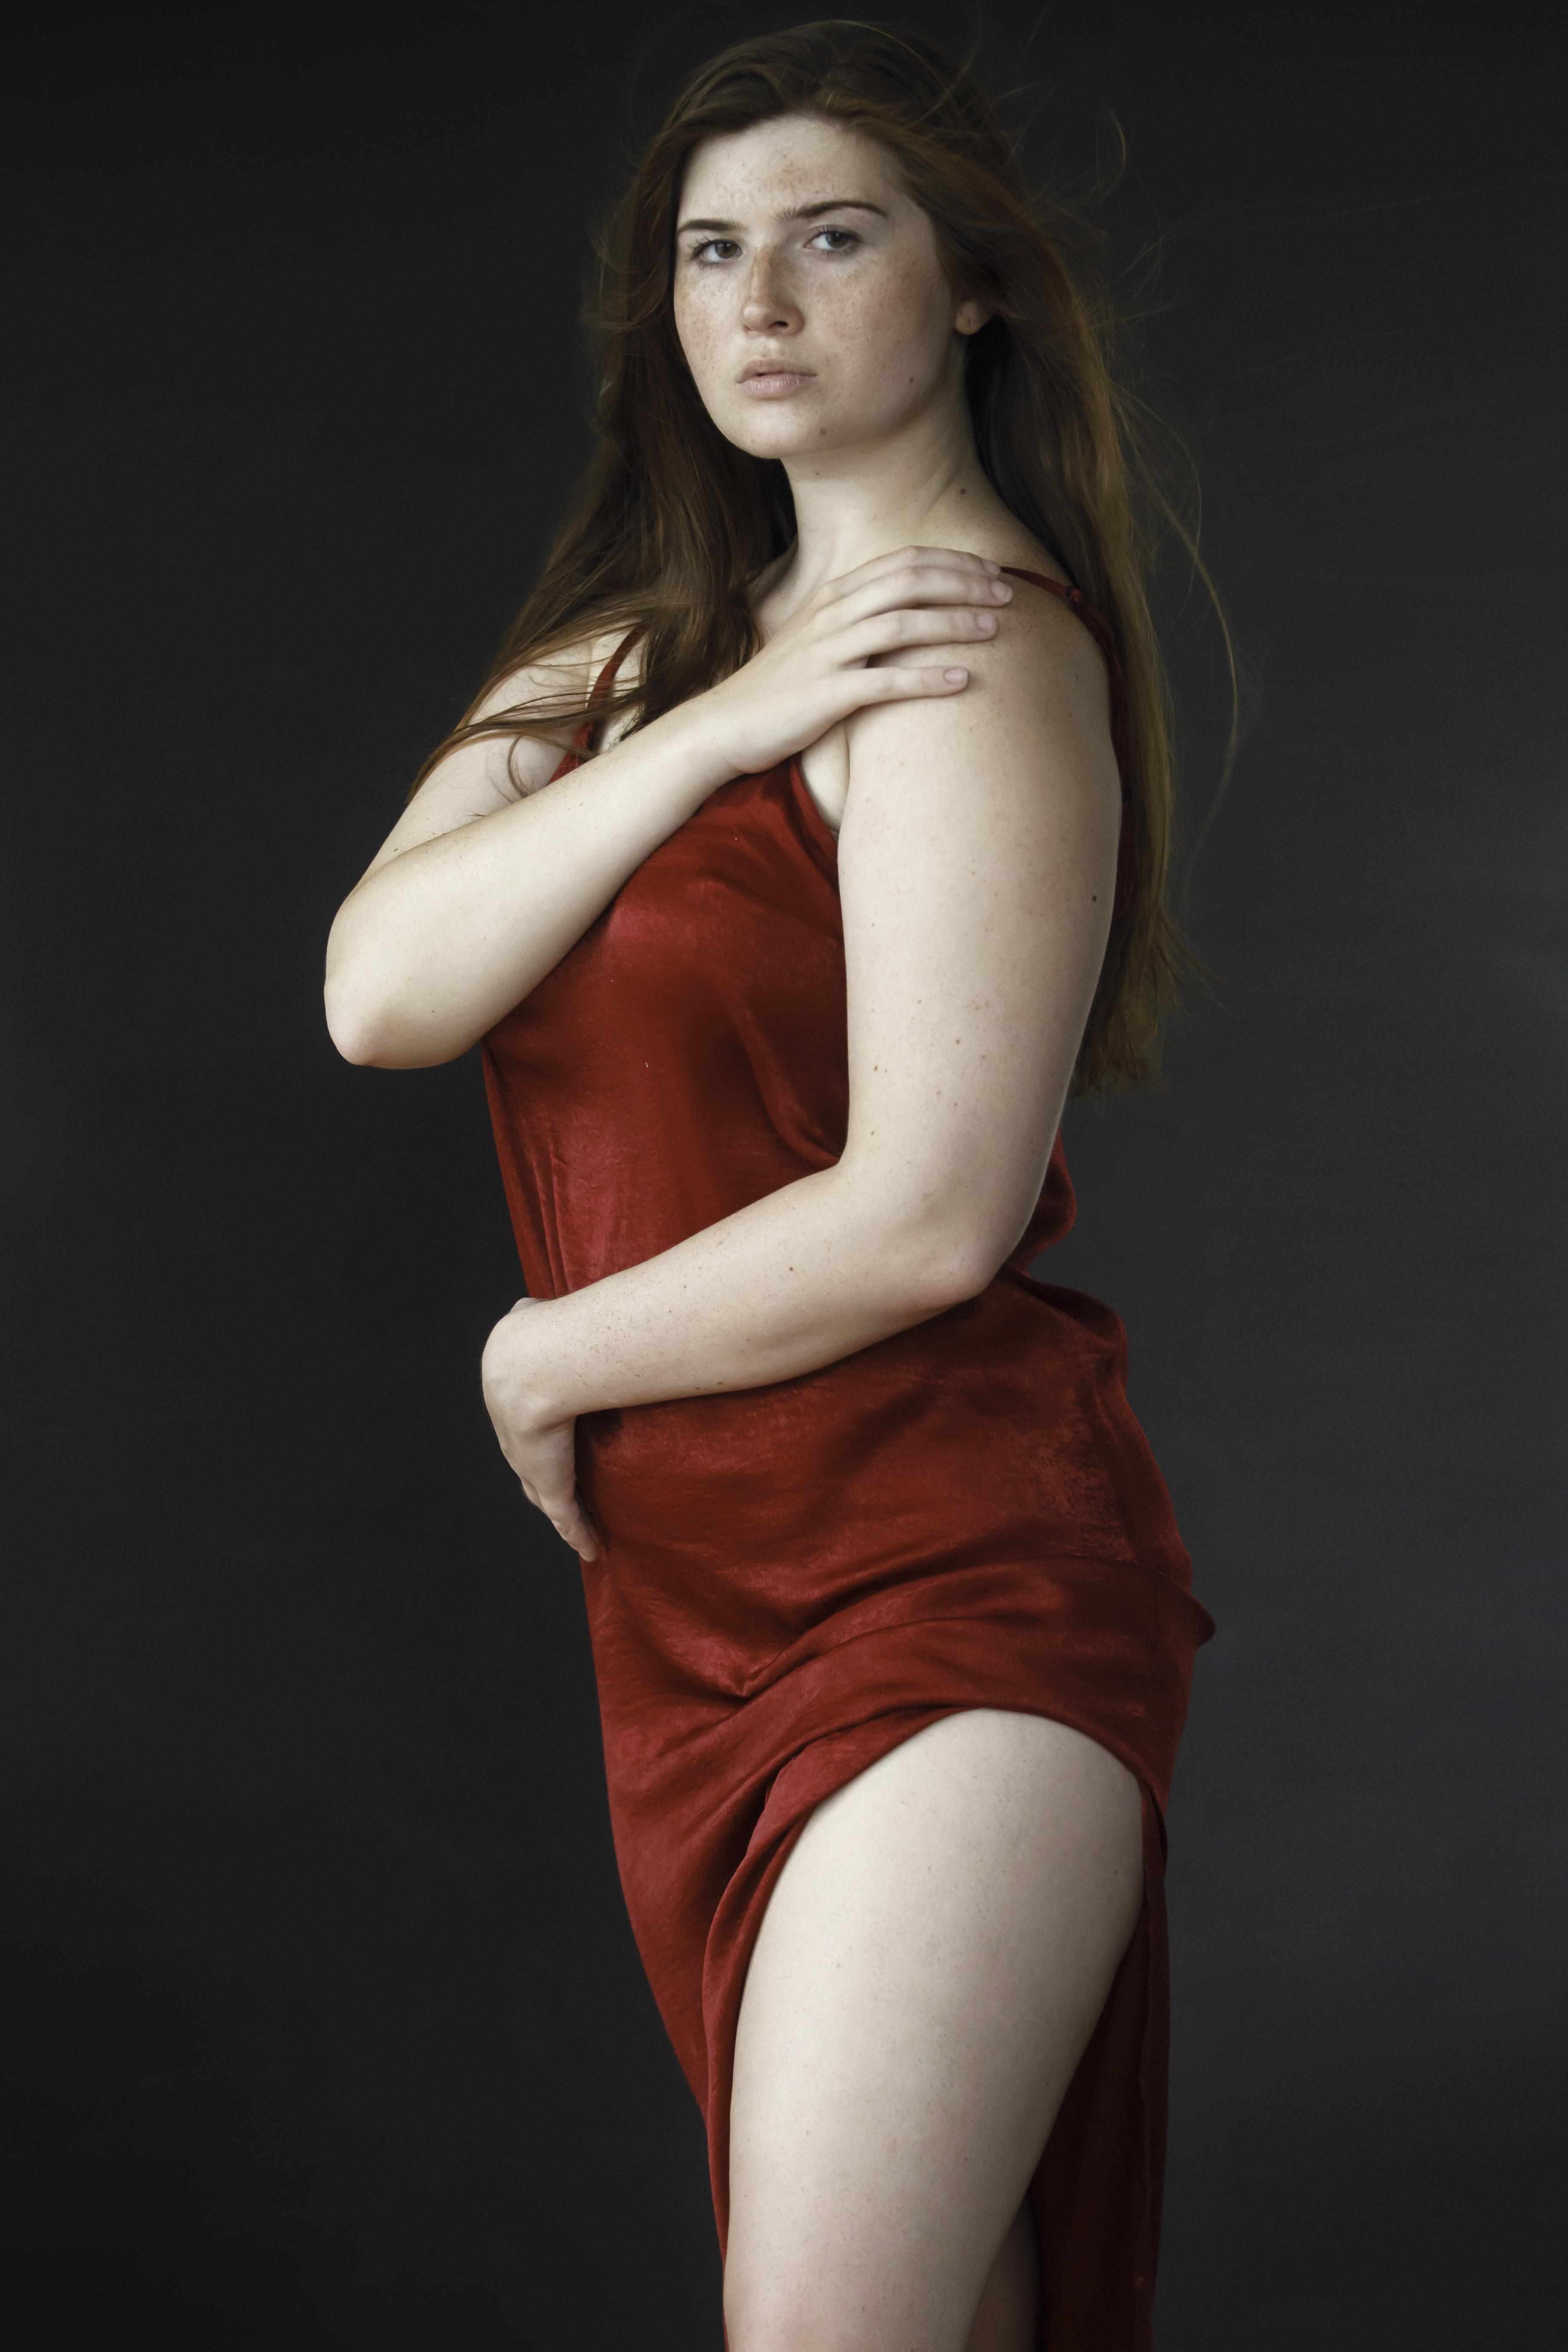 Lauren16